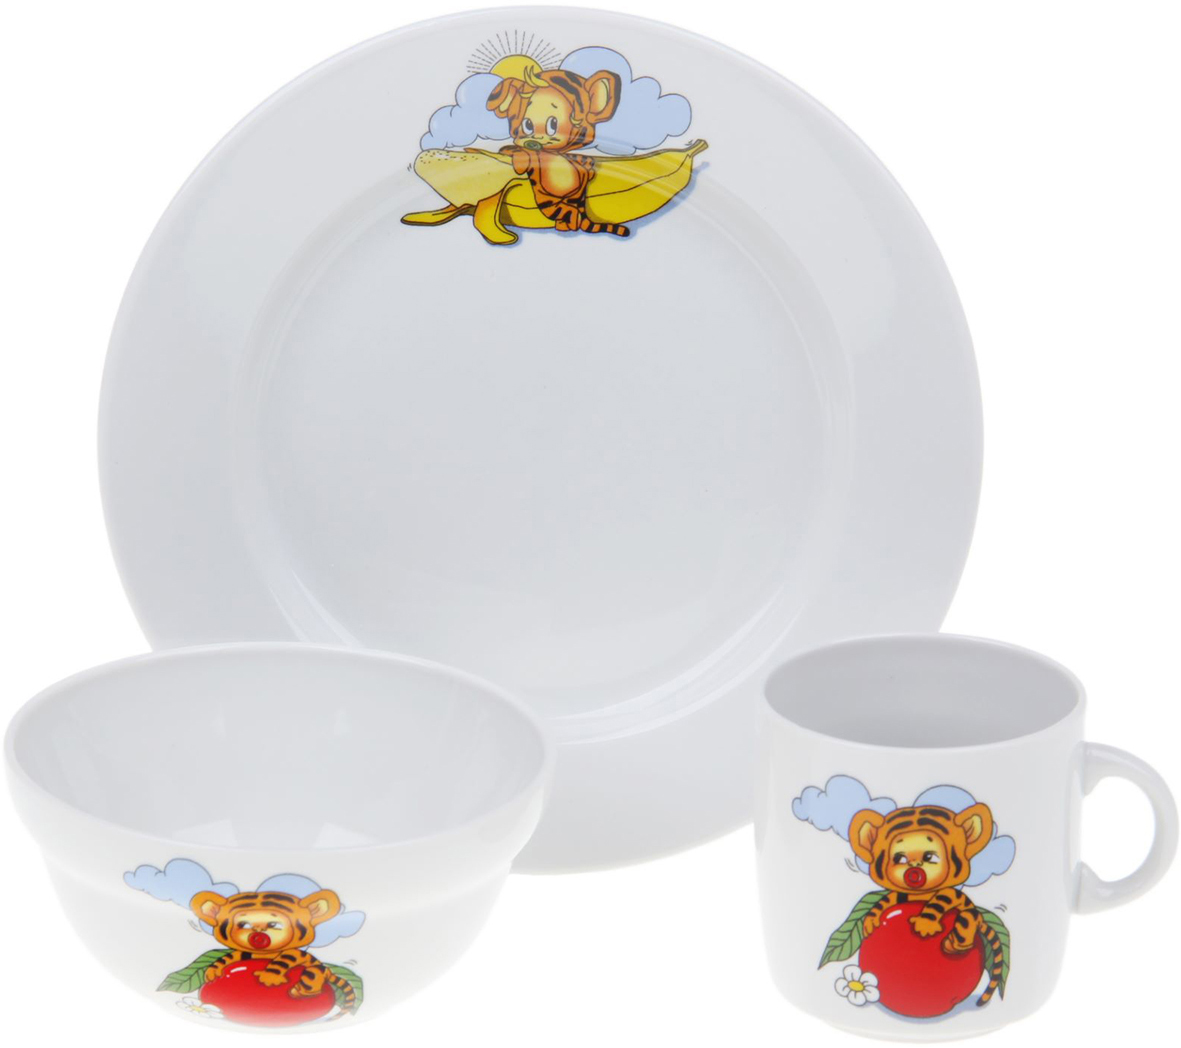 Набор детской посуды Фарфор Вербилок Тигрята, 3 предмета. 13021531302153От качества посуды зависит не только вкус еды, но и здоровье человека. Набор детской посуды 3 предмета: тарелка 20 см, салатник 360 мл, кружка 210 мл, - товар, соответствующий российским стандартам качества. Любой хозяйке будет приятно держать его в руках. С такой посудой и кухонной утварью приготовление еды и сервировка стола превратятся в настоящий праздник.